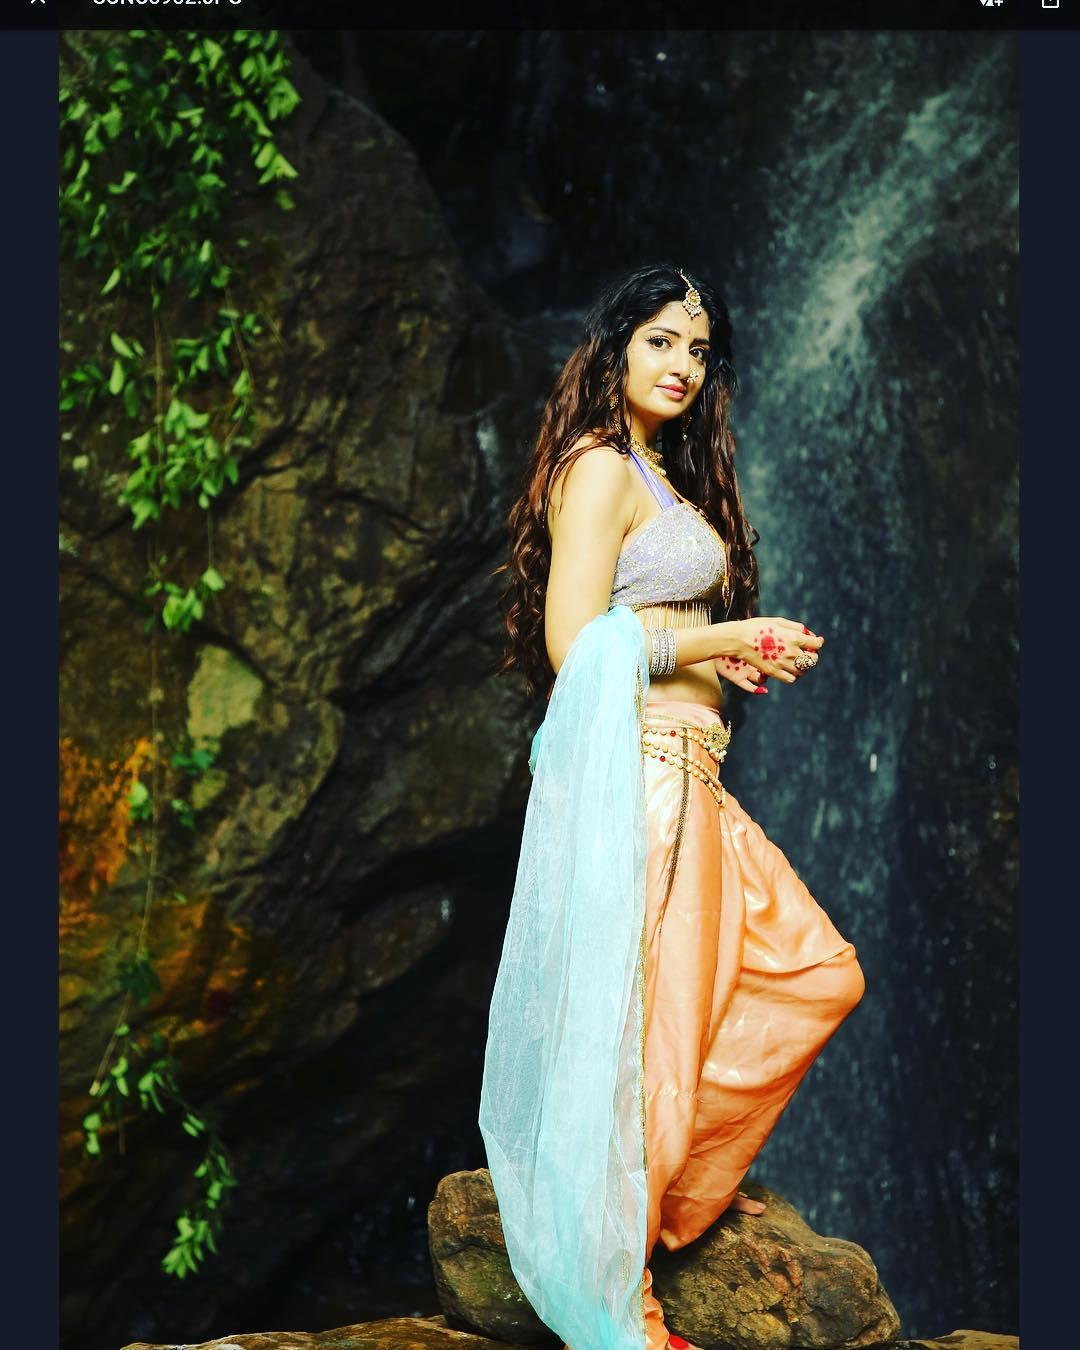 పూనమ్ కౌర్ (Photo :puunamkhaur/Instagram)